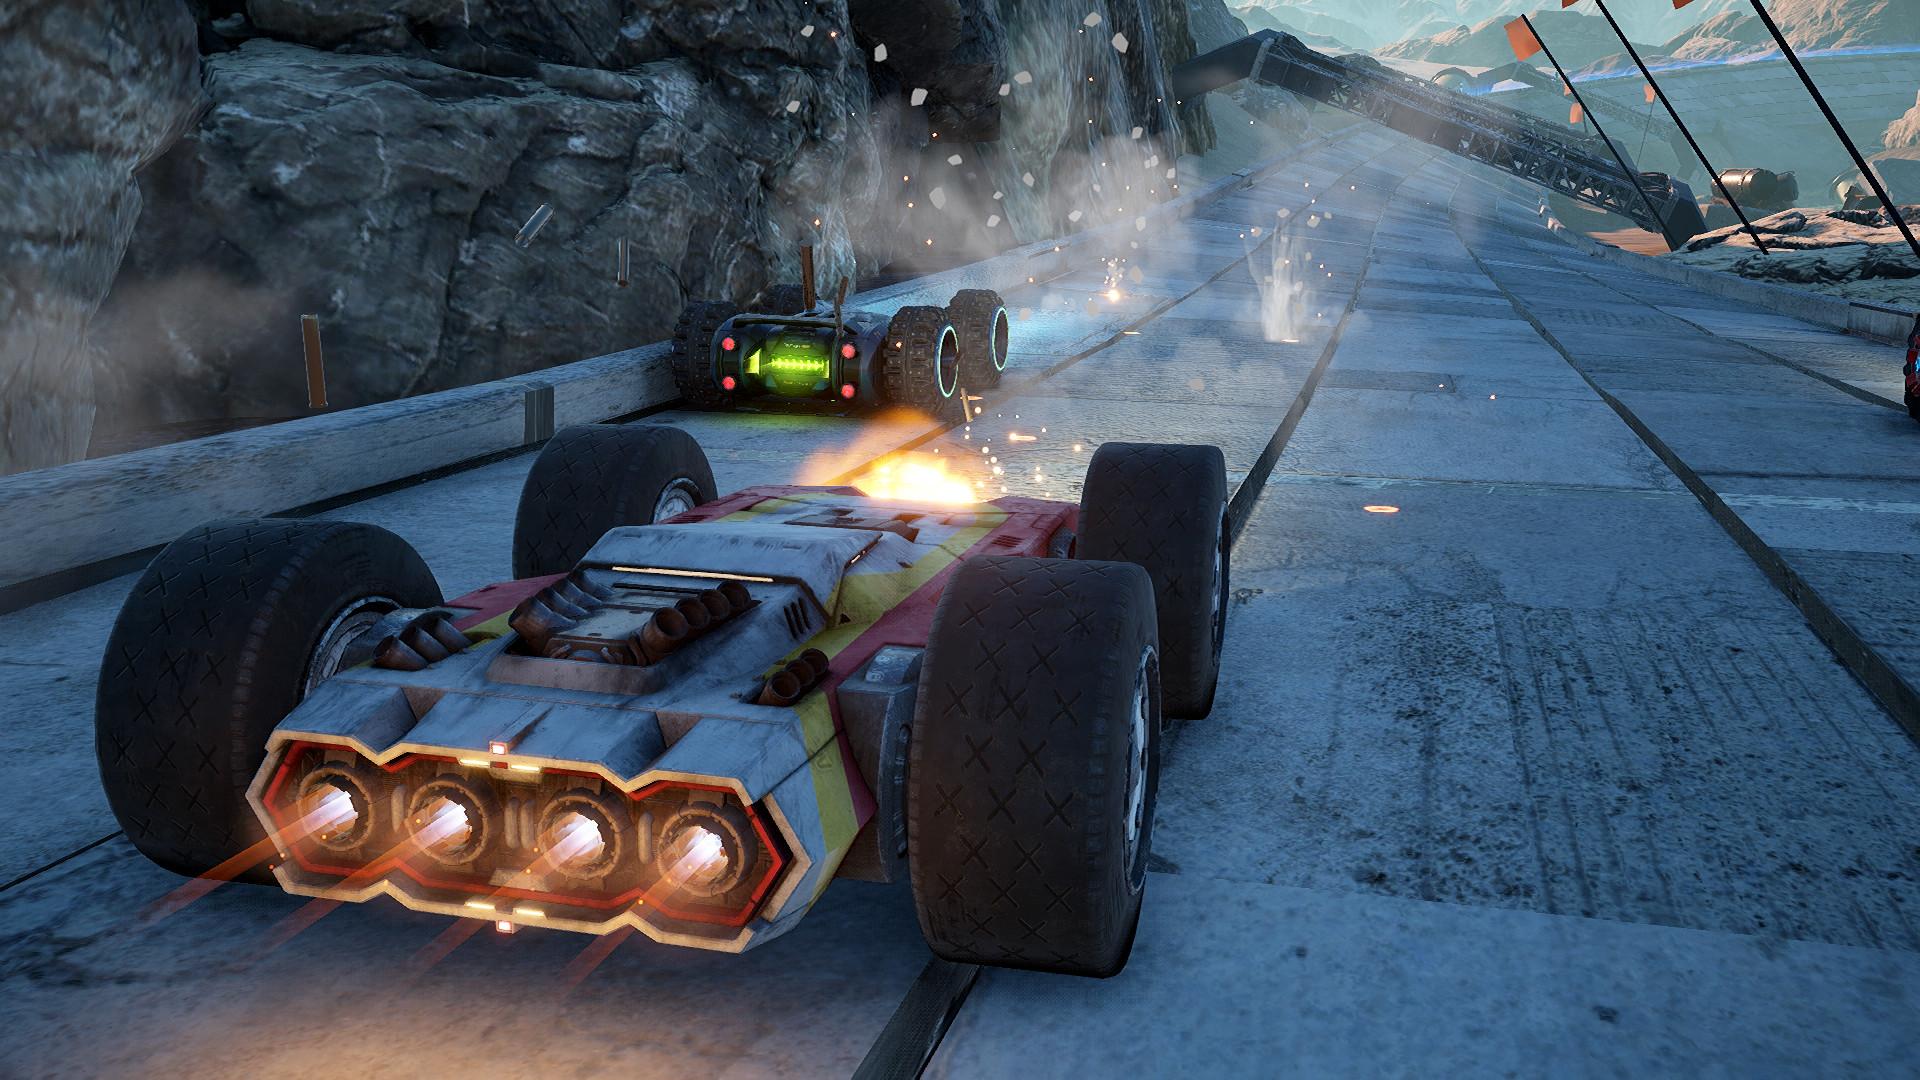 GRIP_Combat_Racing download